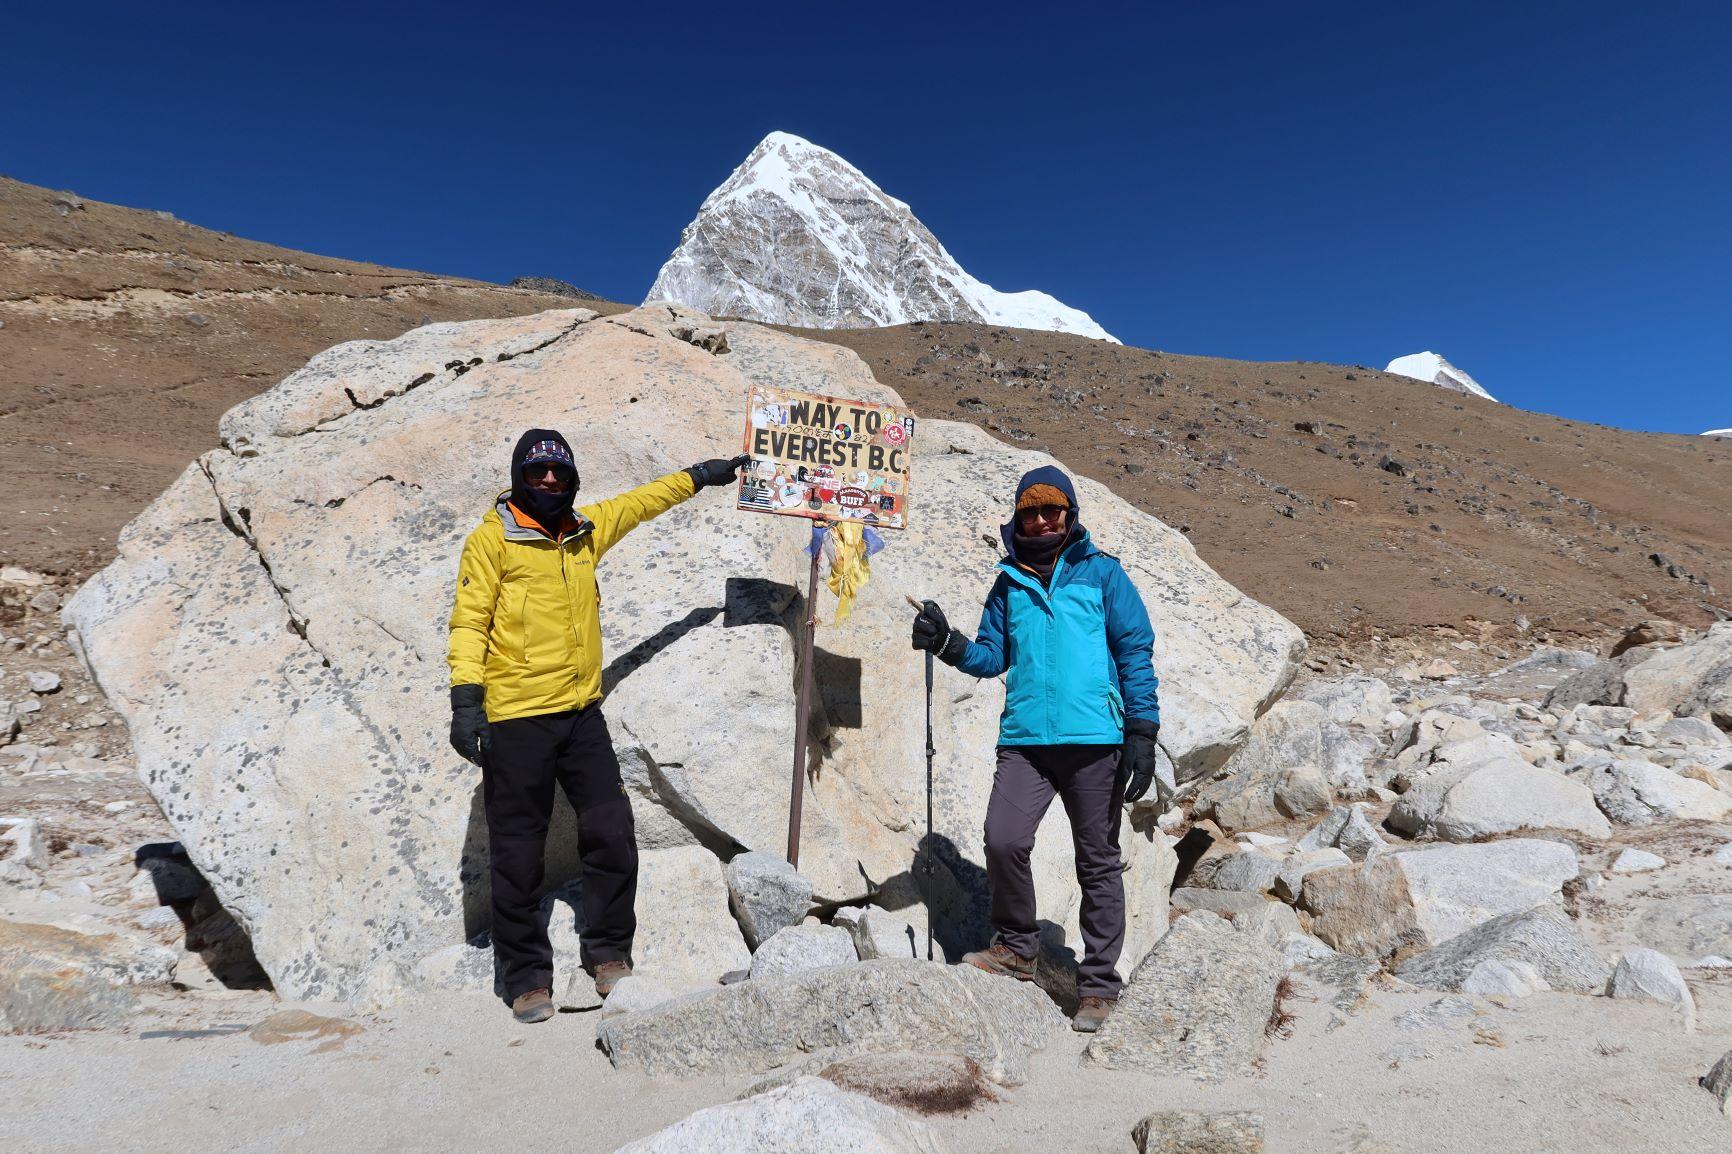 綠色和平特派員自費前往珠峰基地營,觀察氣候變遷如何影響「第三極」喜馬拉雅山脈區域。 © Greenpeace